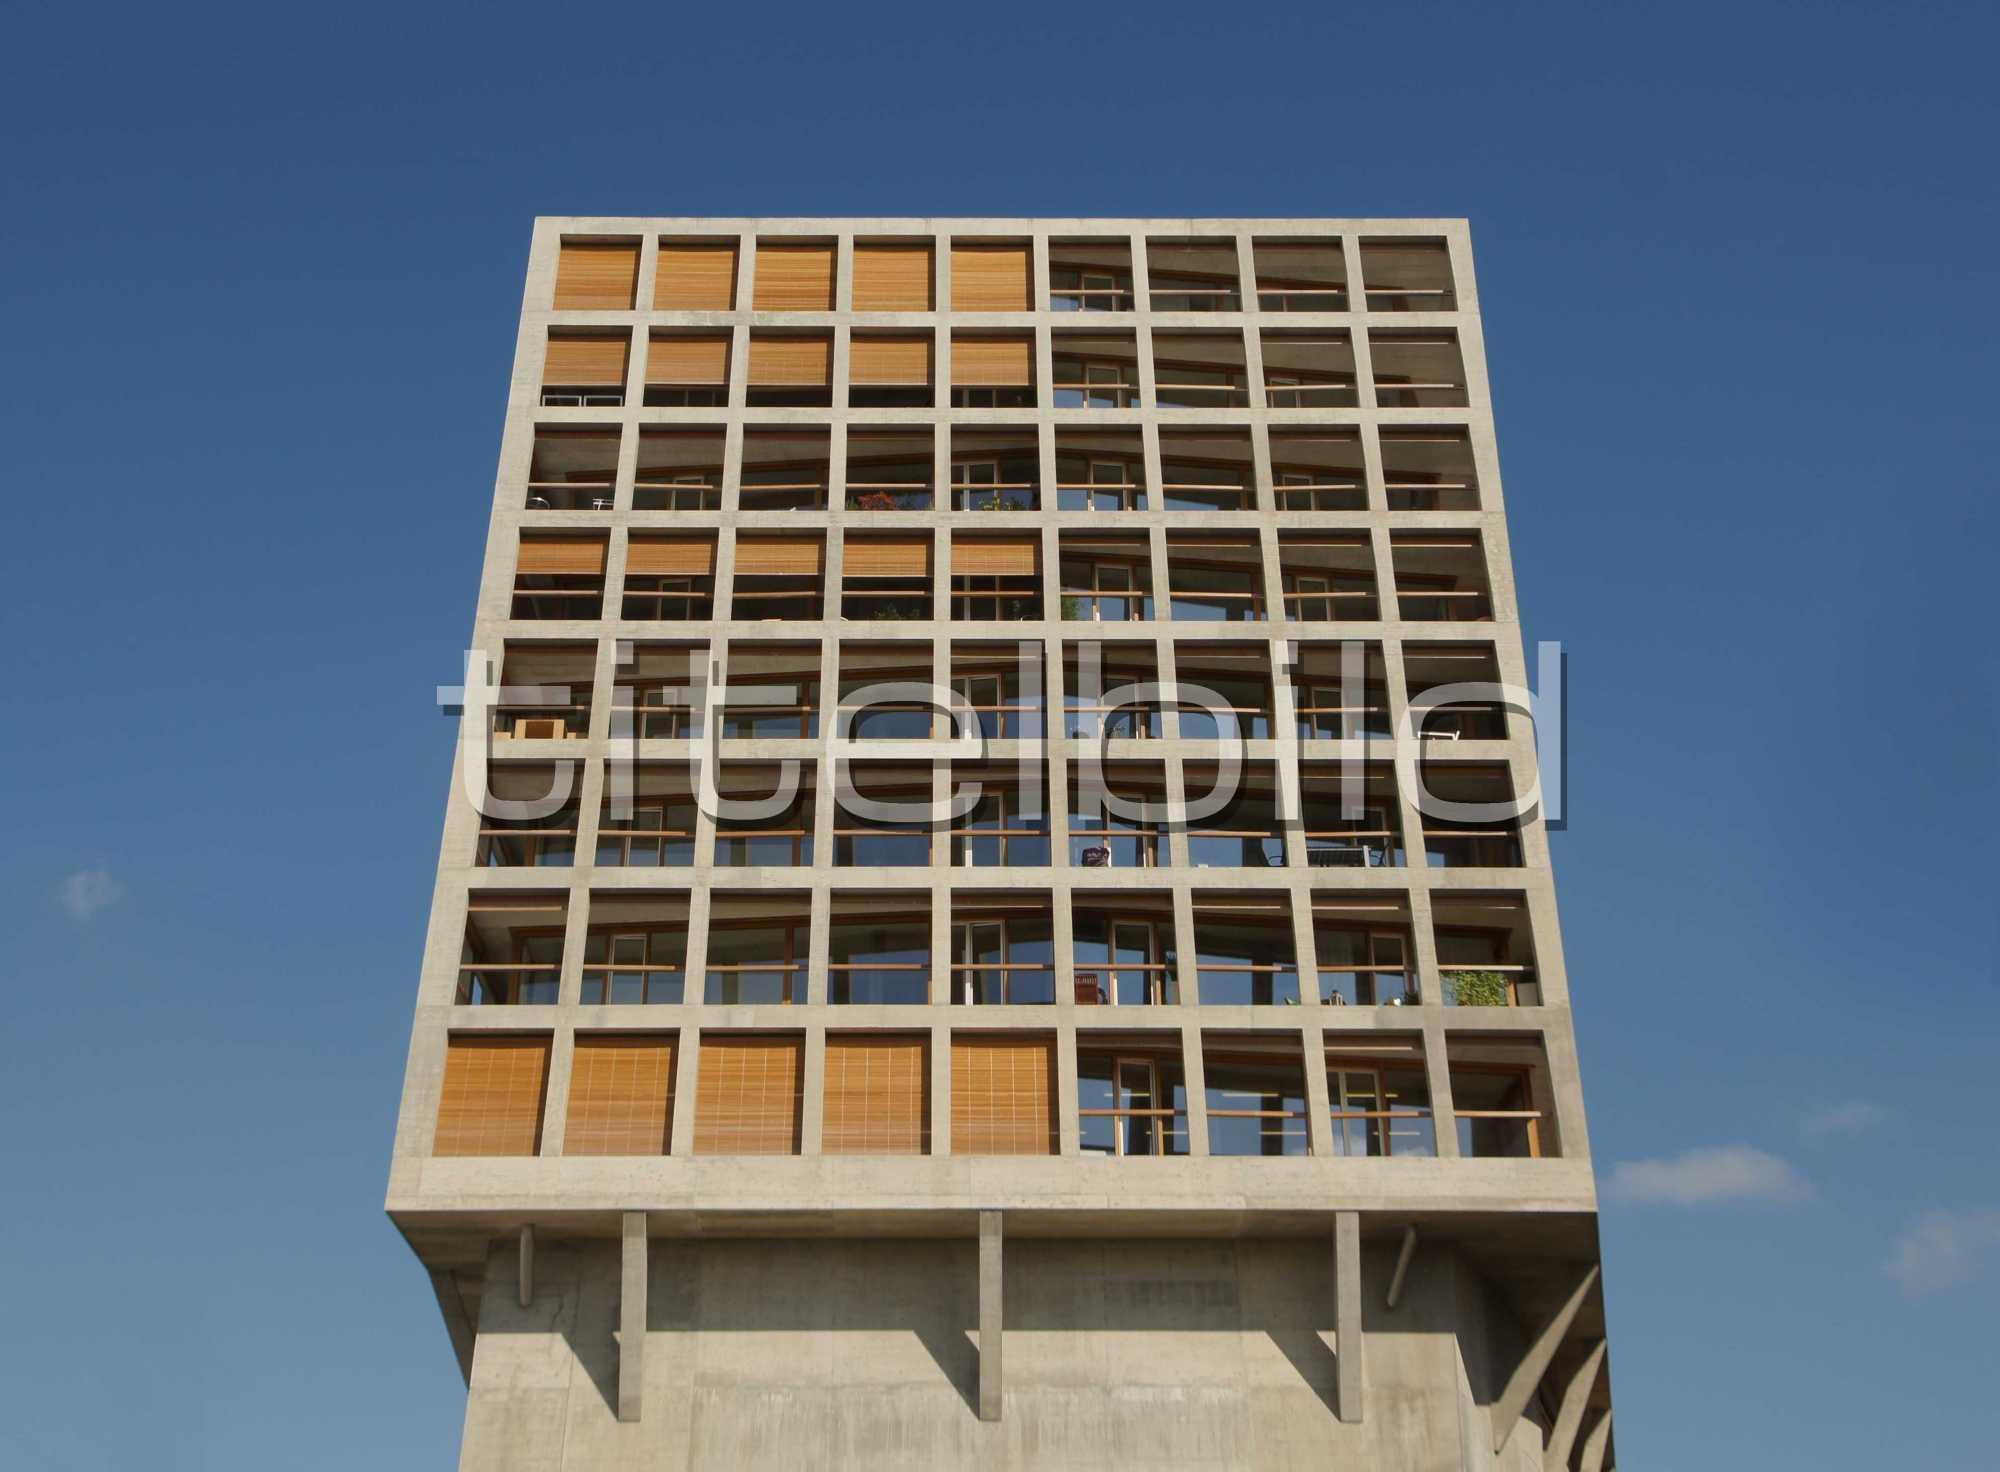 Projektbild-Nr. 2: Areal Dreispitz, Büro- und Wohnhaus Helsinkistrasse, Münchenstein